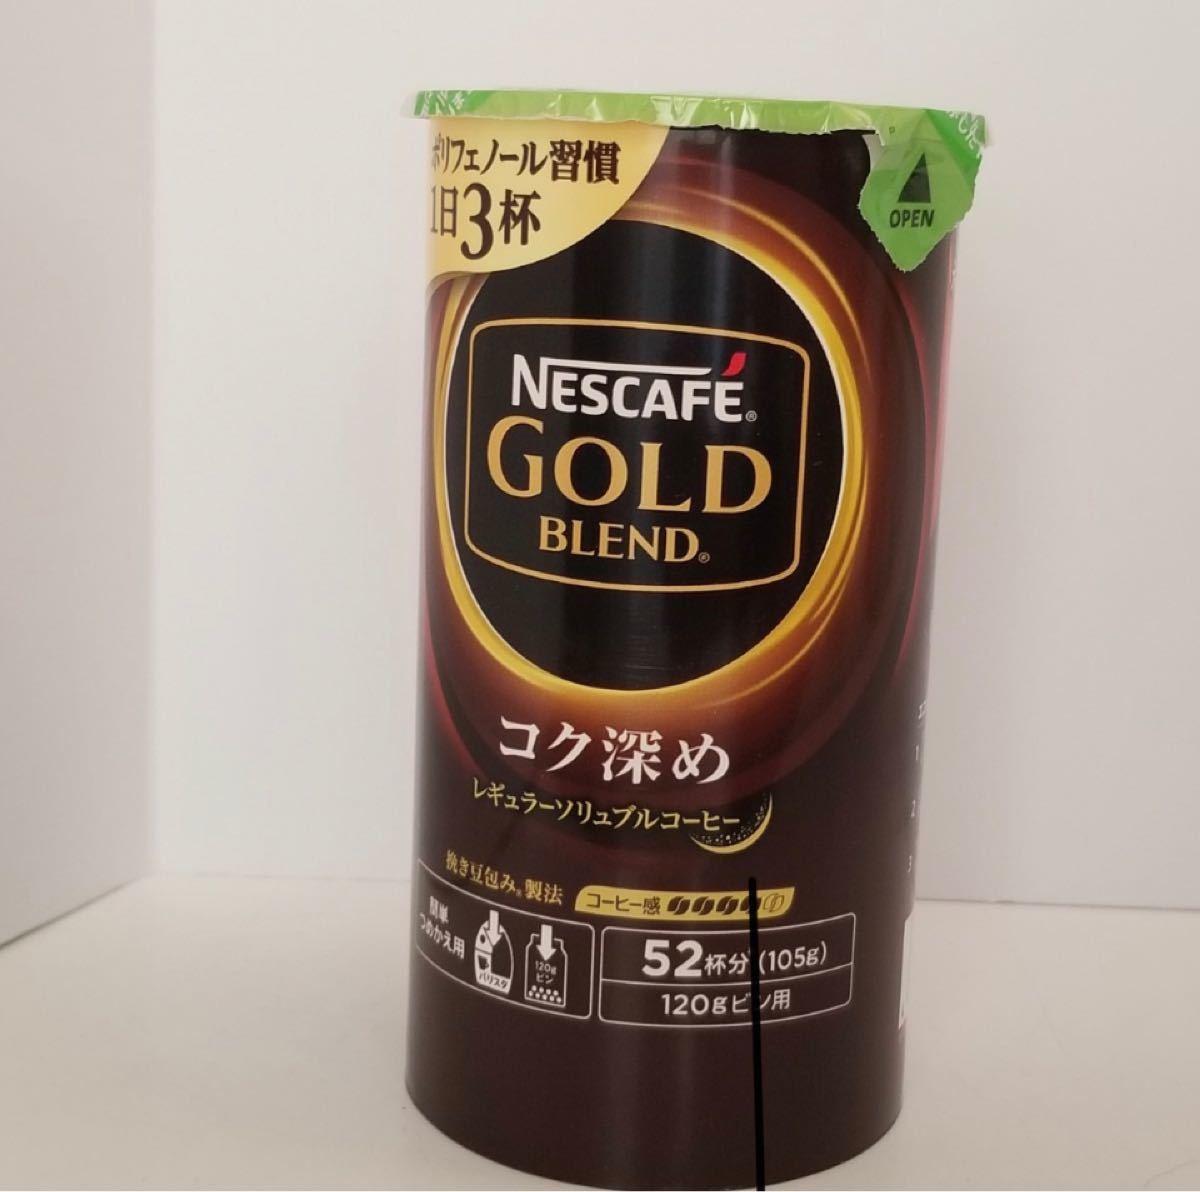 ネスカフェ ゴールドブレンド エコ&システムパック バリスタ詰め替え用105g×3個入 レギュラーソリュブルコーヒー